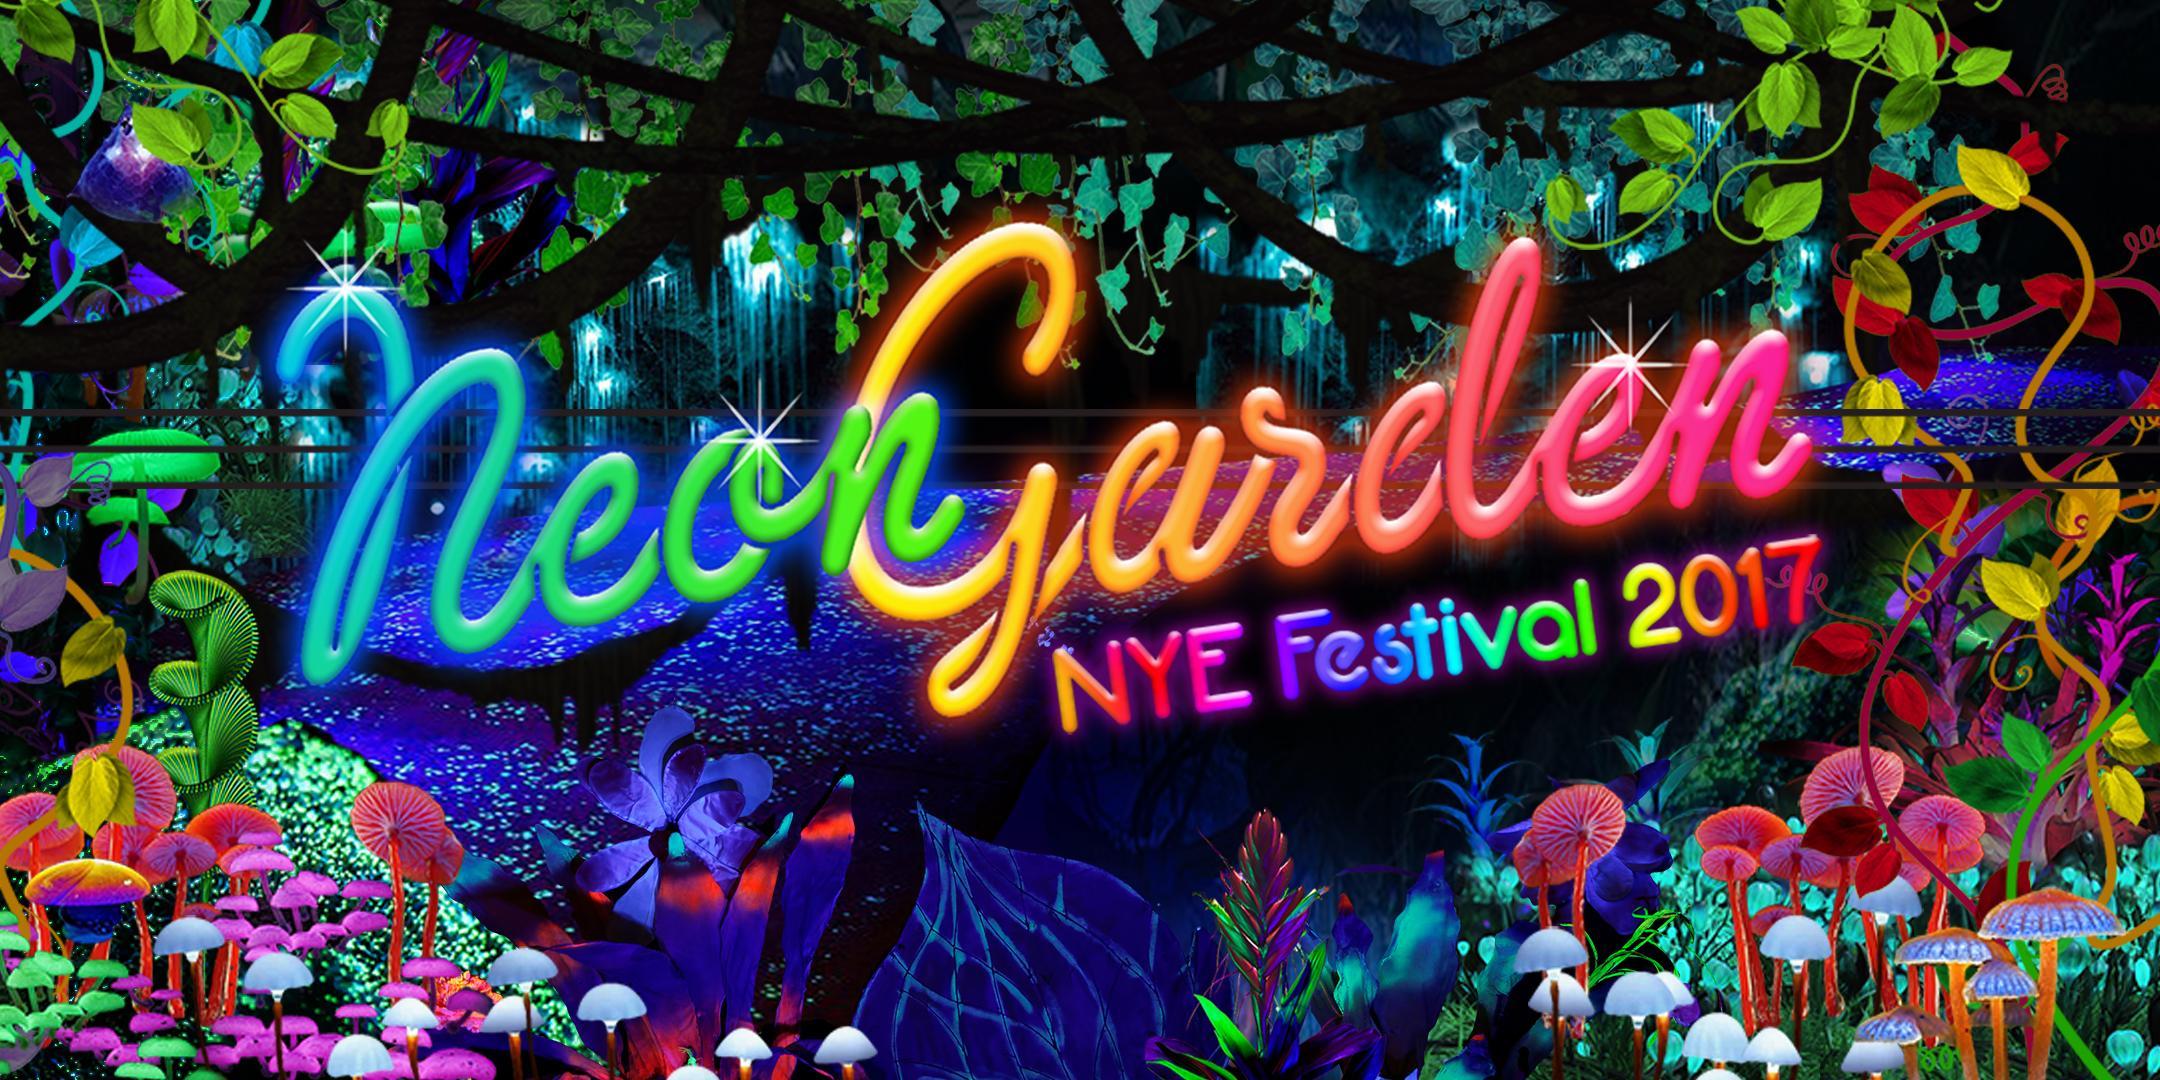 Tropical Fruits Neon Garden NYE Festival 2017